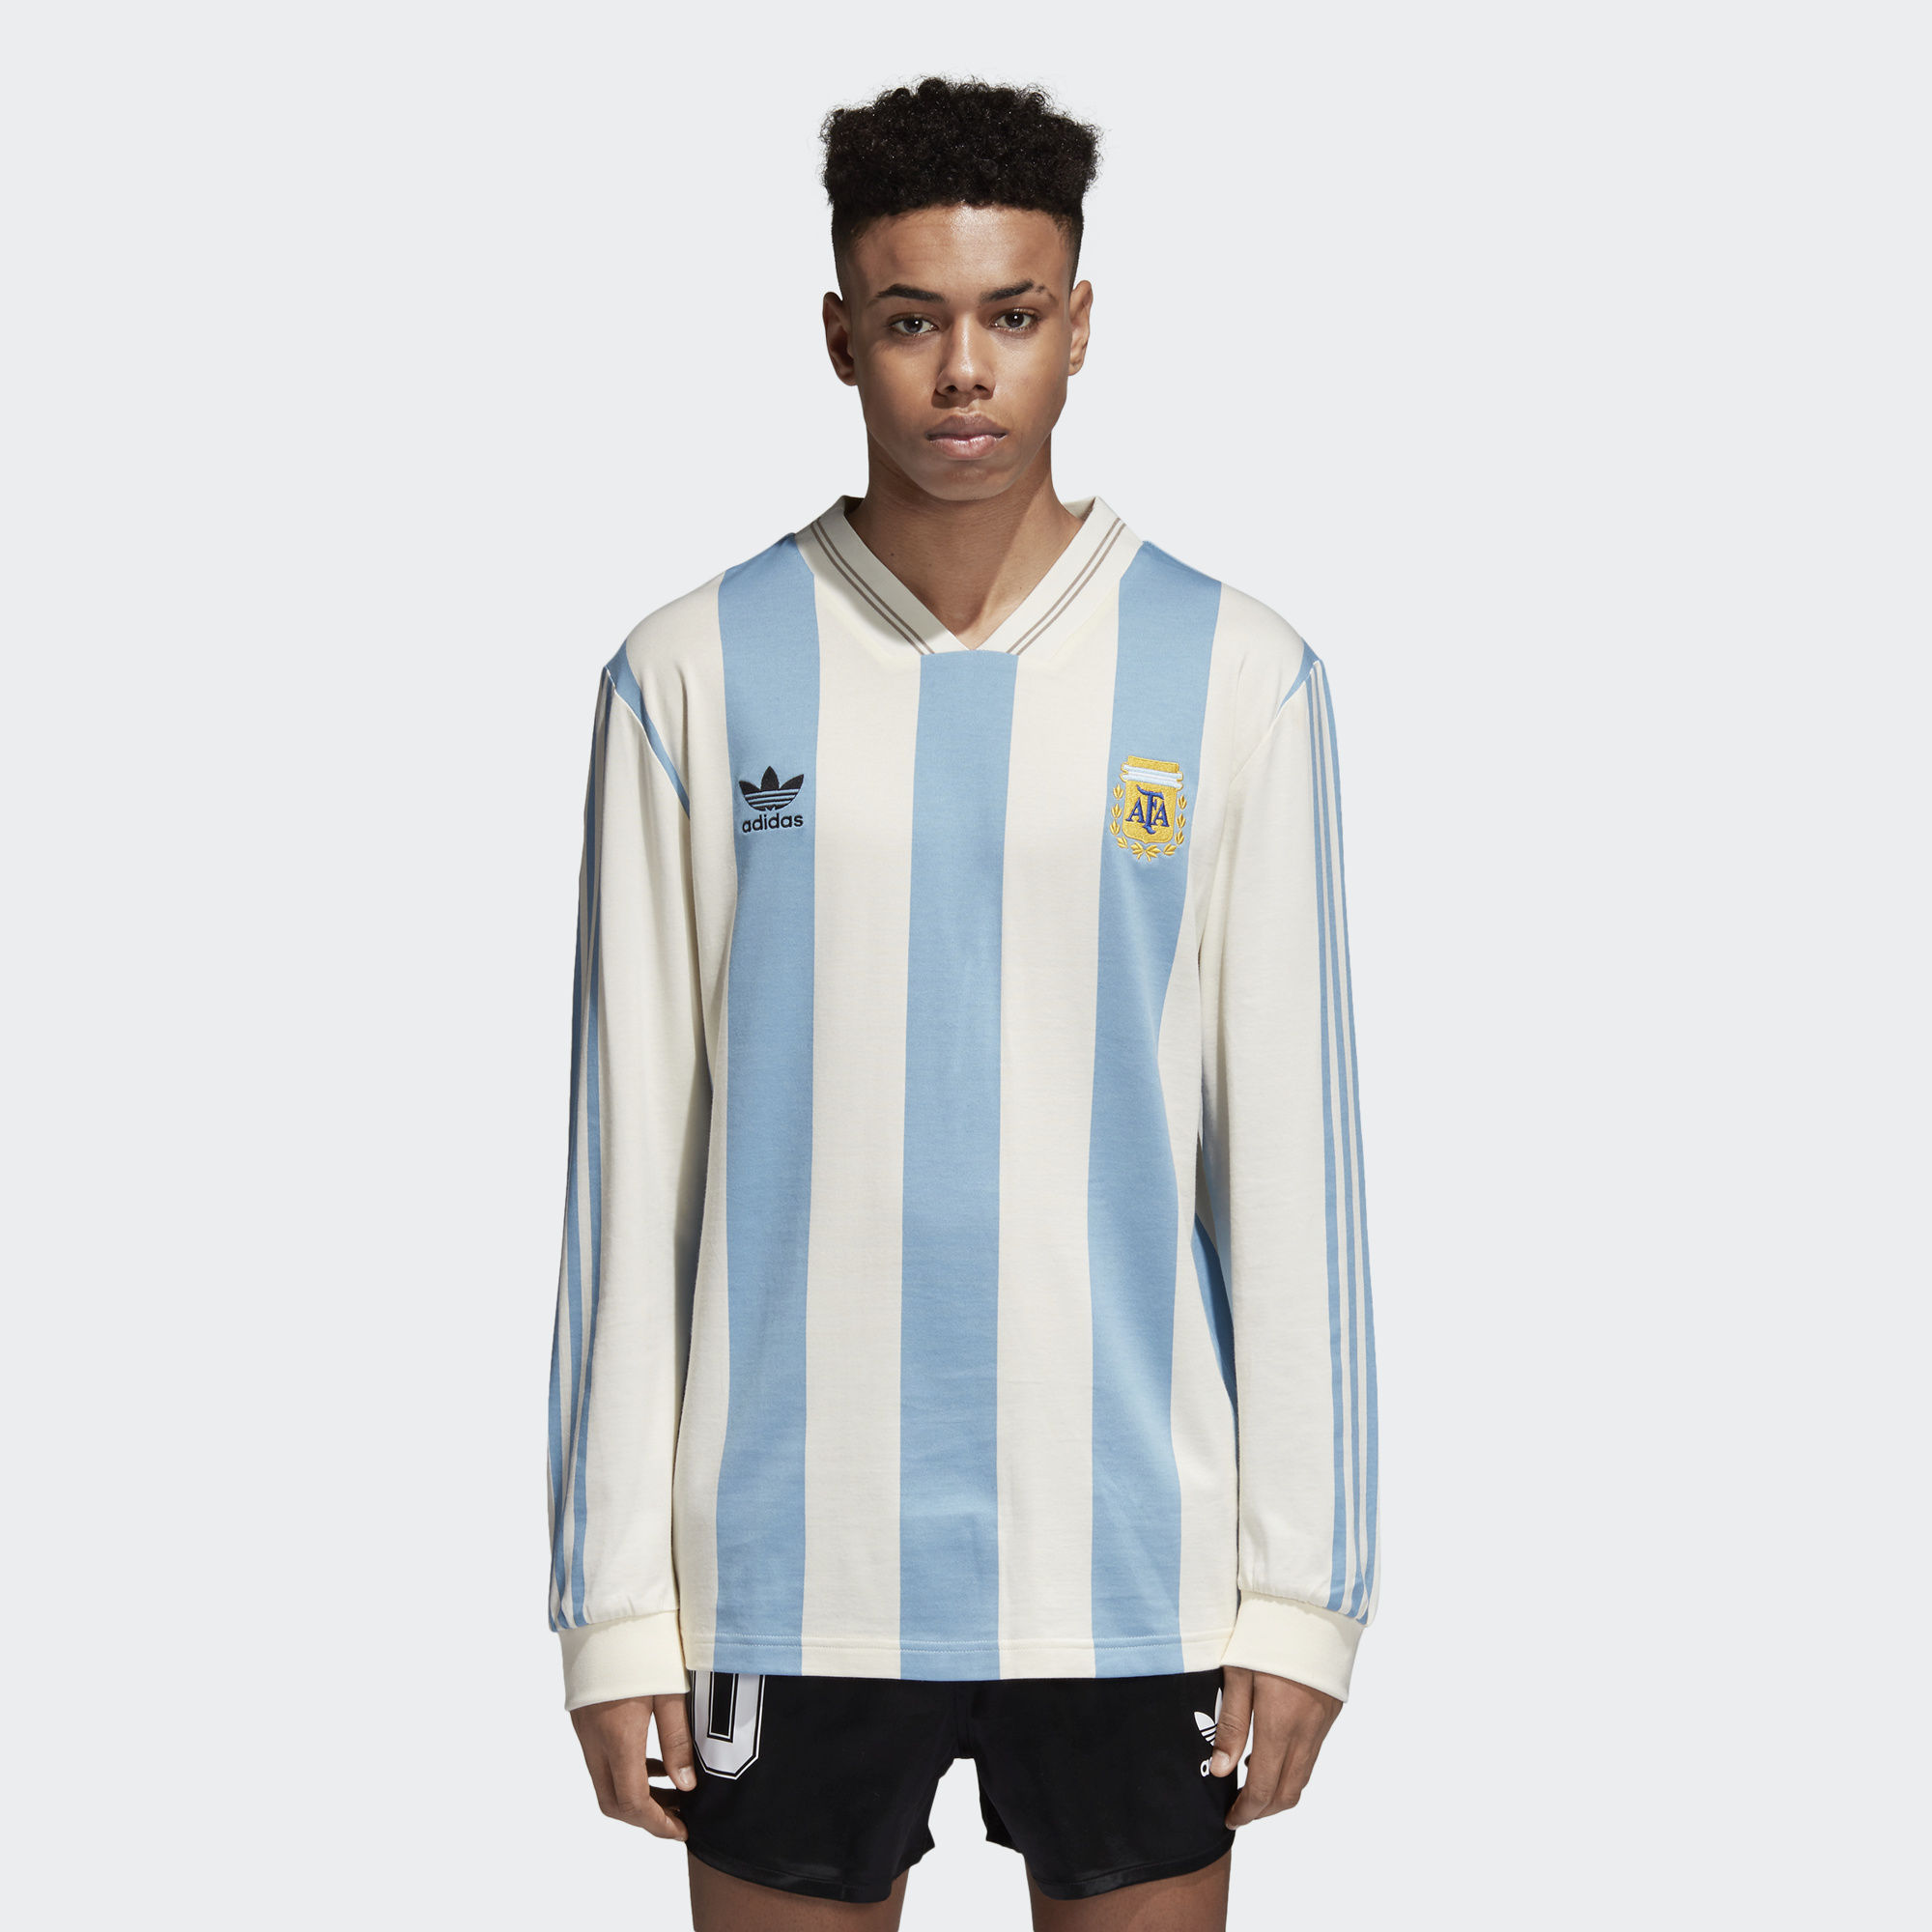 026520e1cb8 Click to enlarge image  argentina 1987 adidas originals home replica jersey a.jpg ...